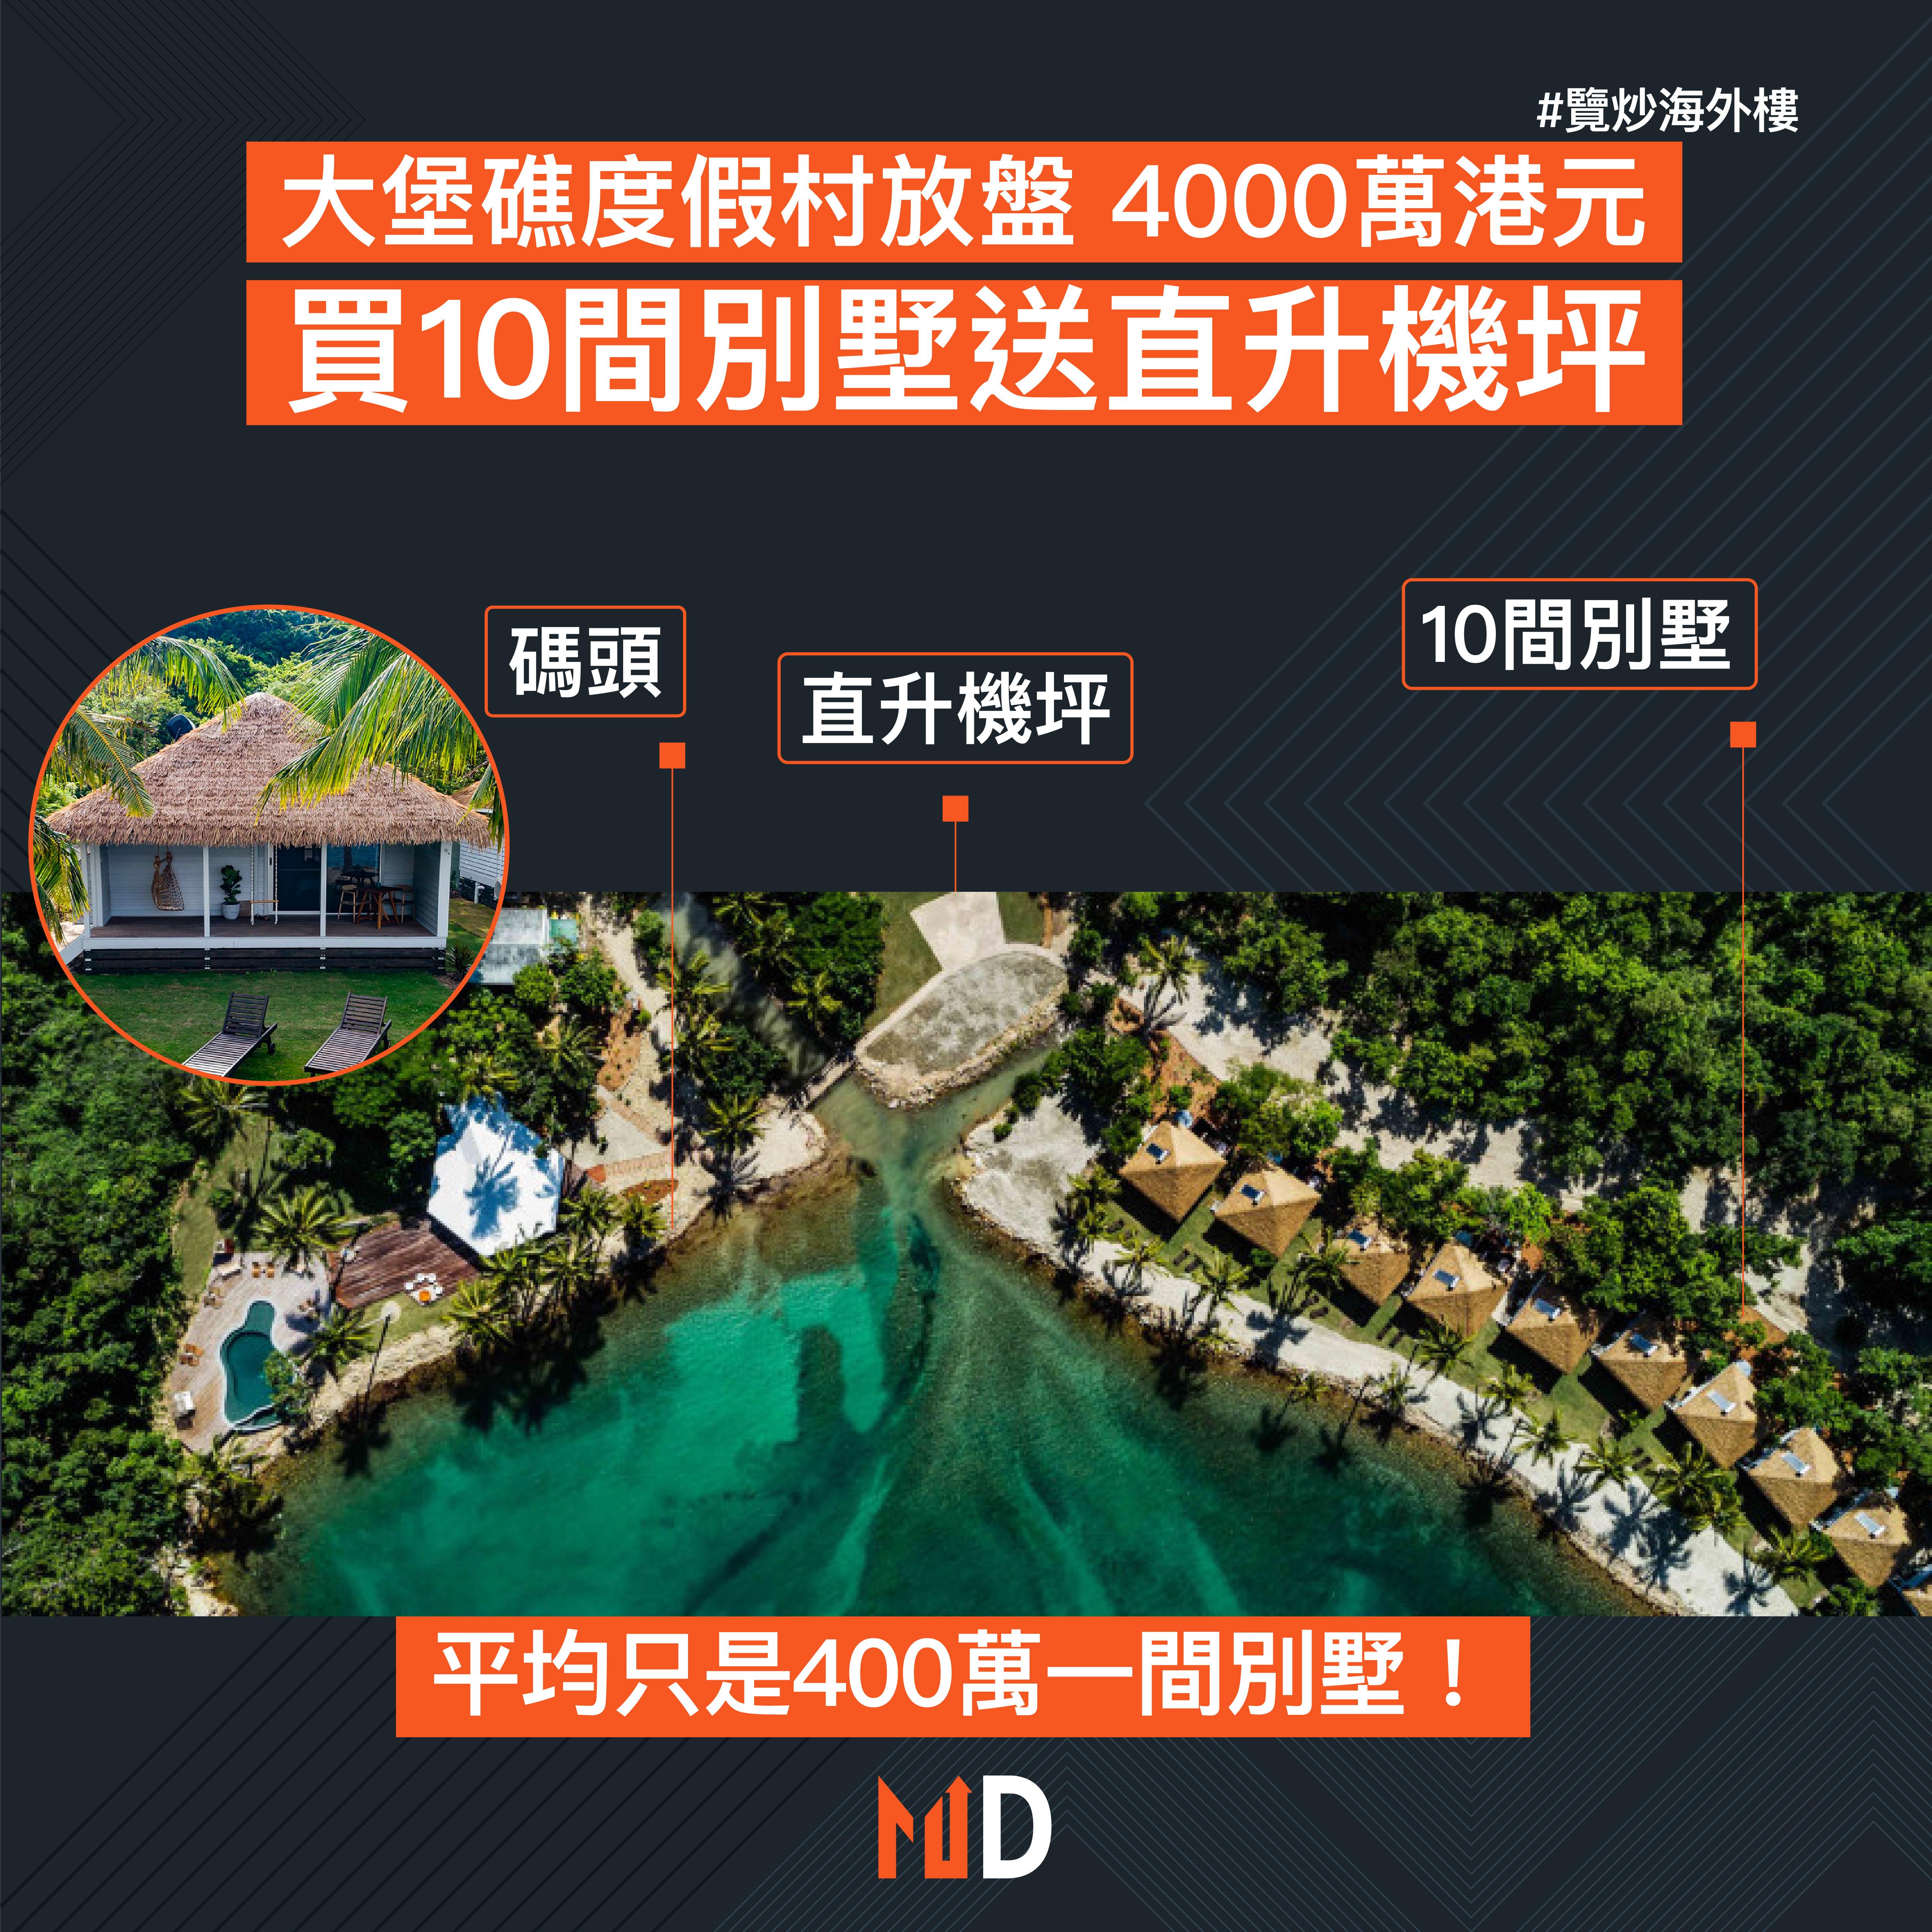 【覽炒海外樓】大堡礁度假村放盤 4000萬港元買10間別墅送直升機坪